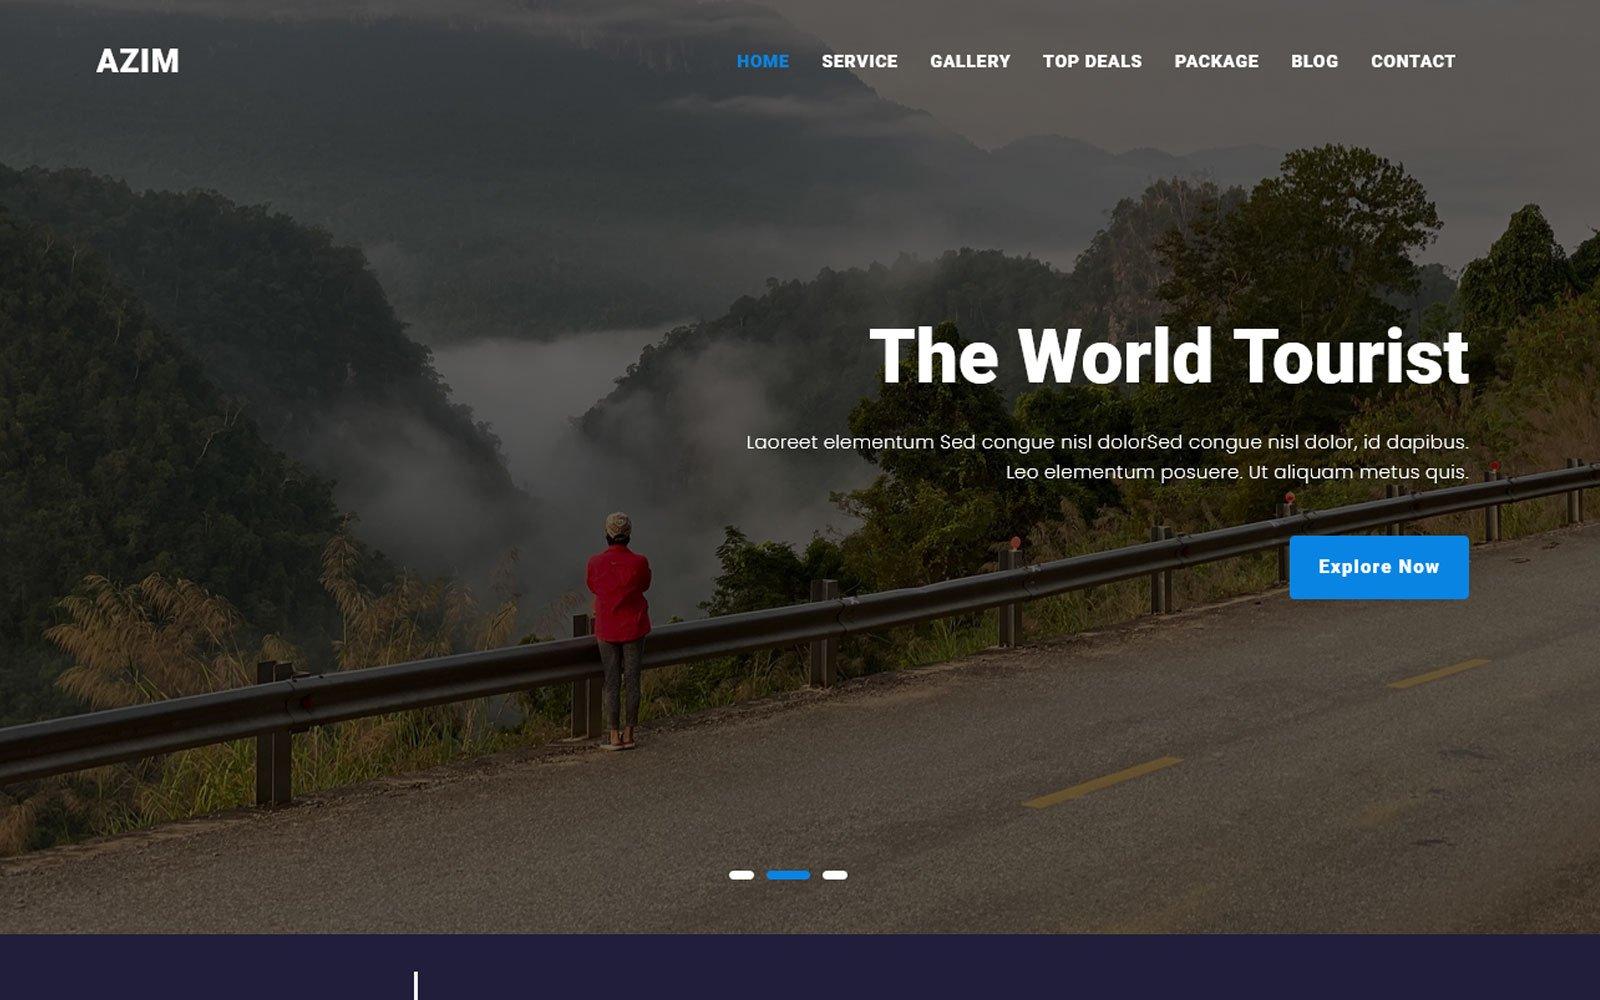 Al-Azim - Tour & Travel Agency Templates de Landing Page №123952